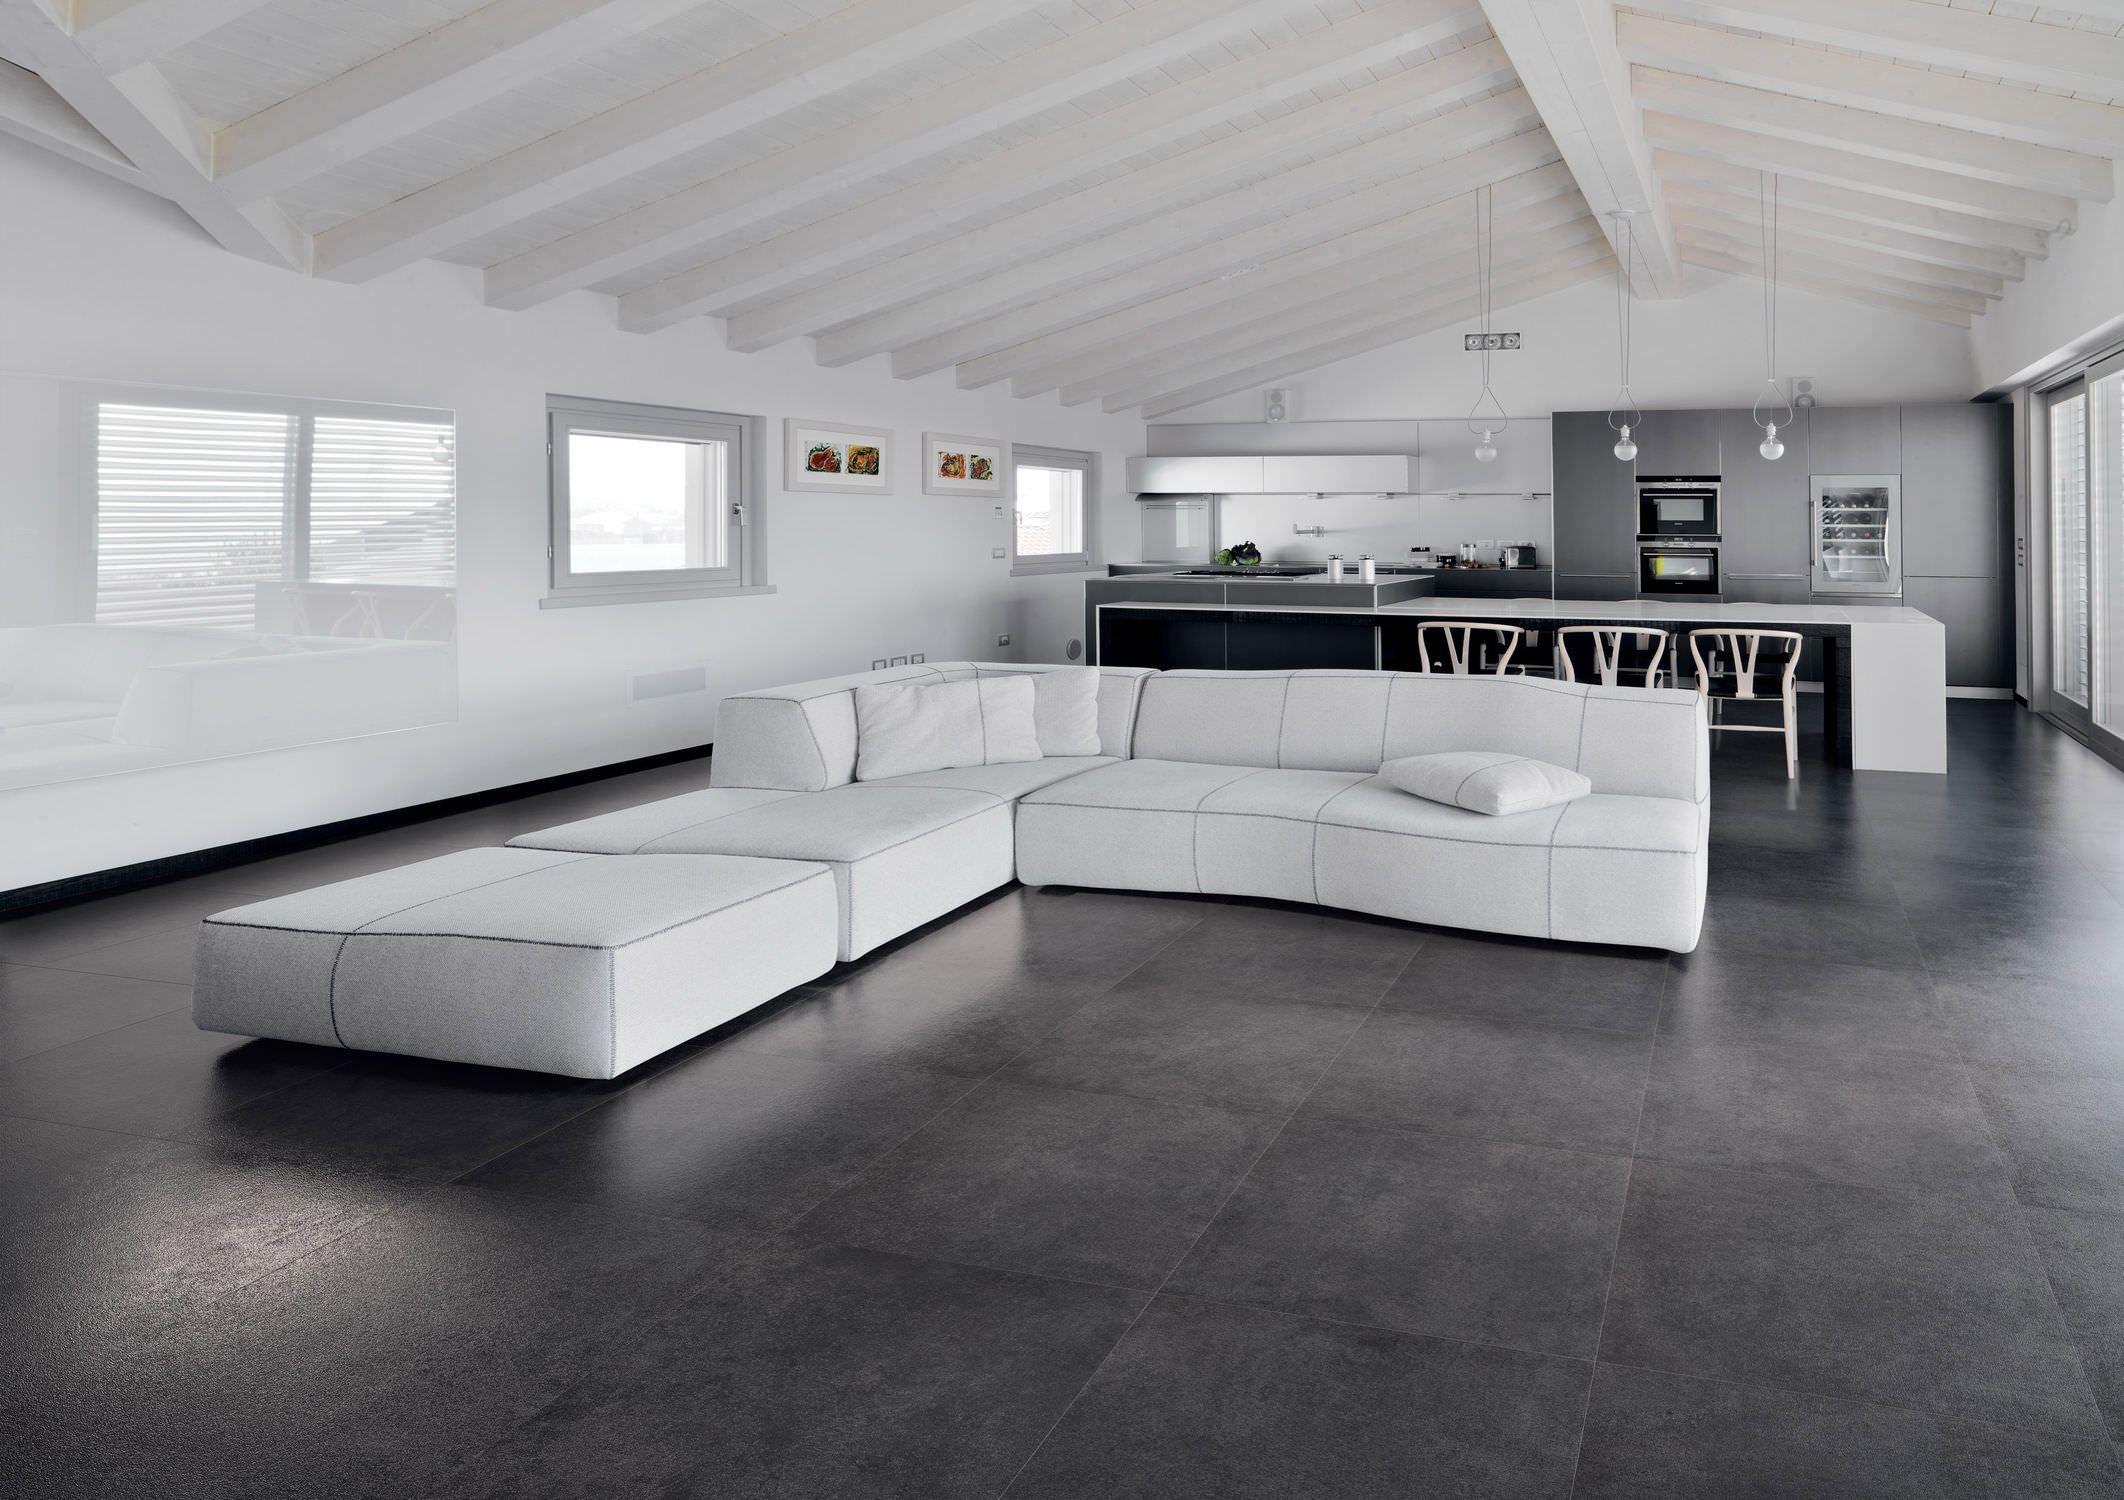 Fliese für Innenbereich / Wohnzimmer / Boden / Feinsteinzeug